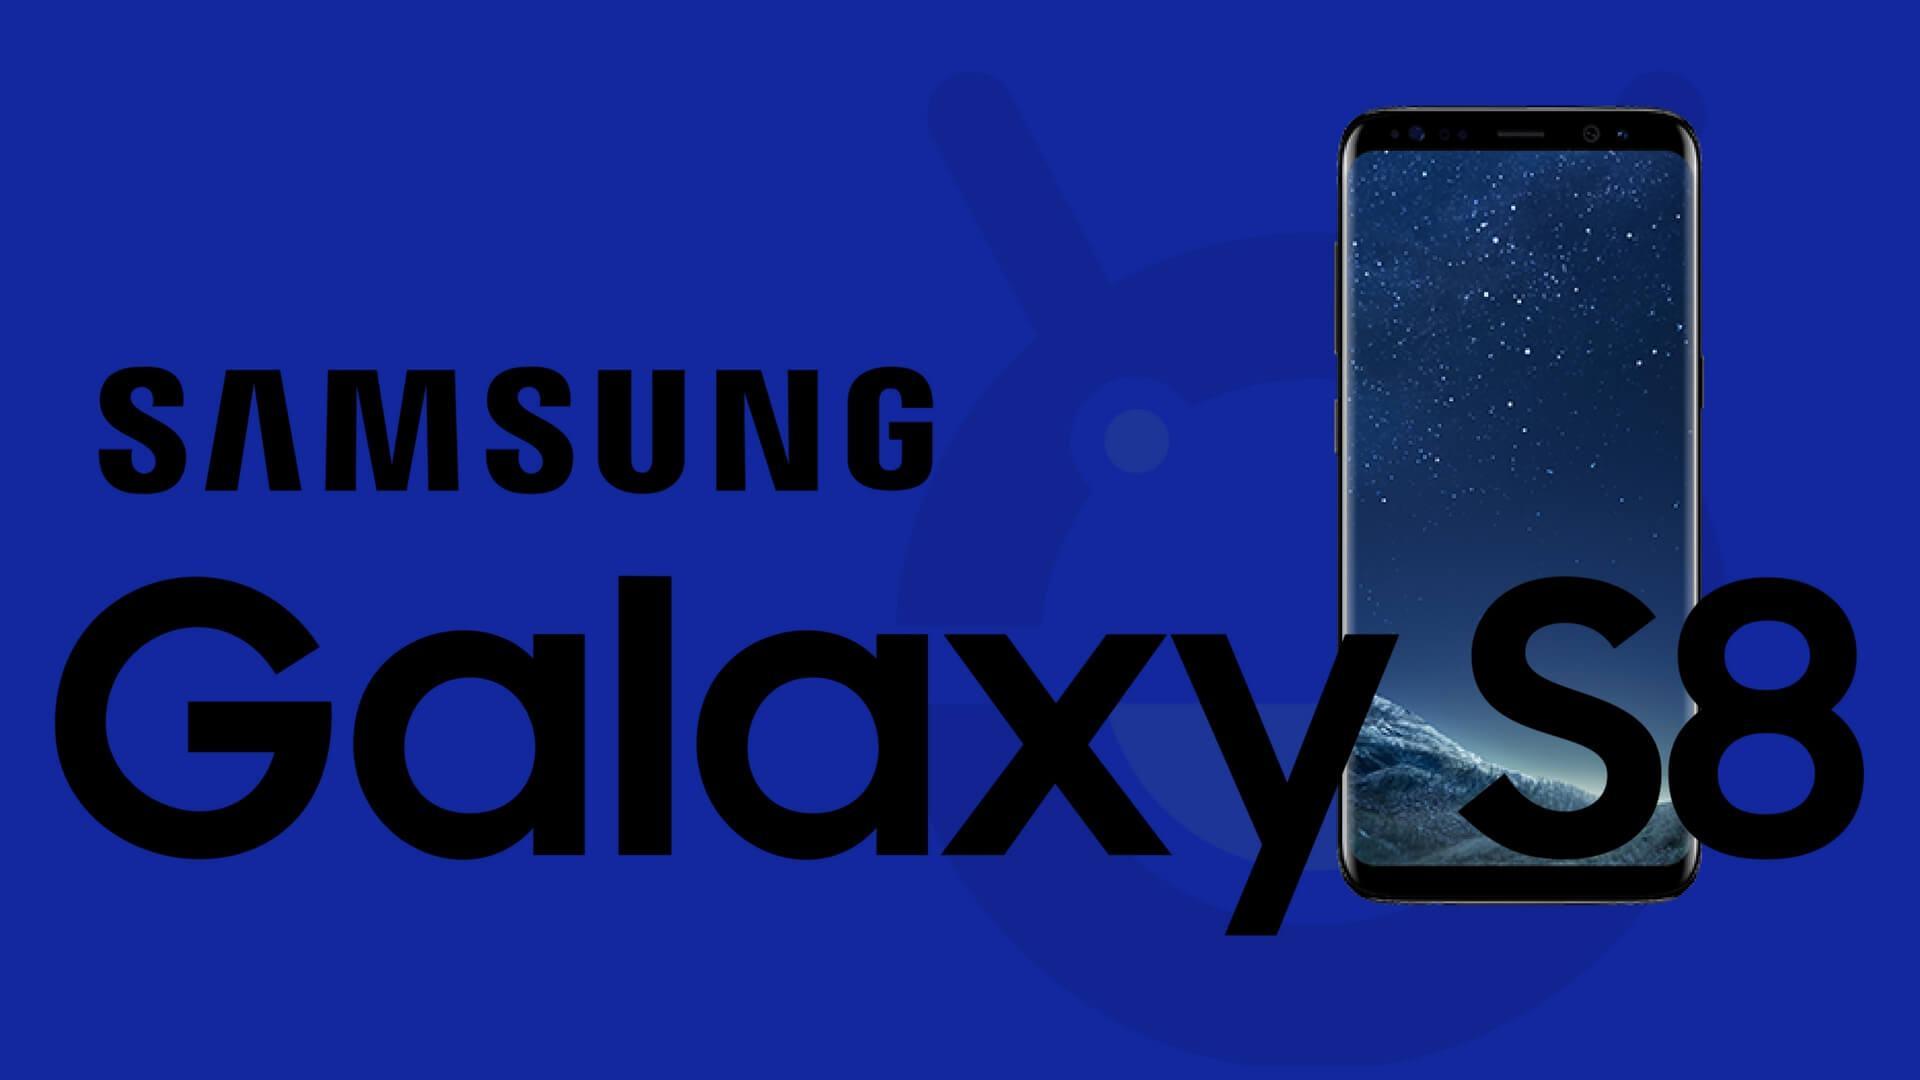 Hinweis auf Android 7.1 für das Samsung Galaxy S8 (Fake)